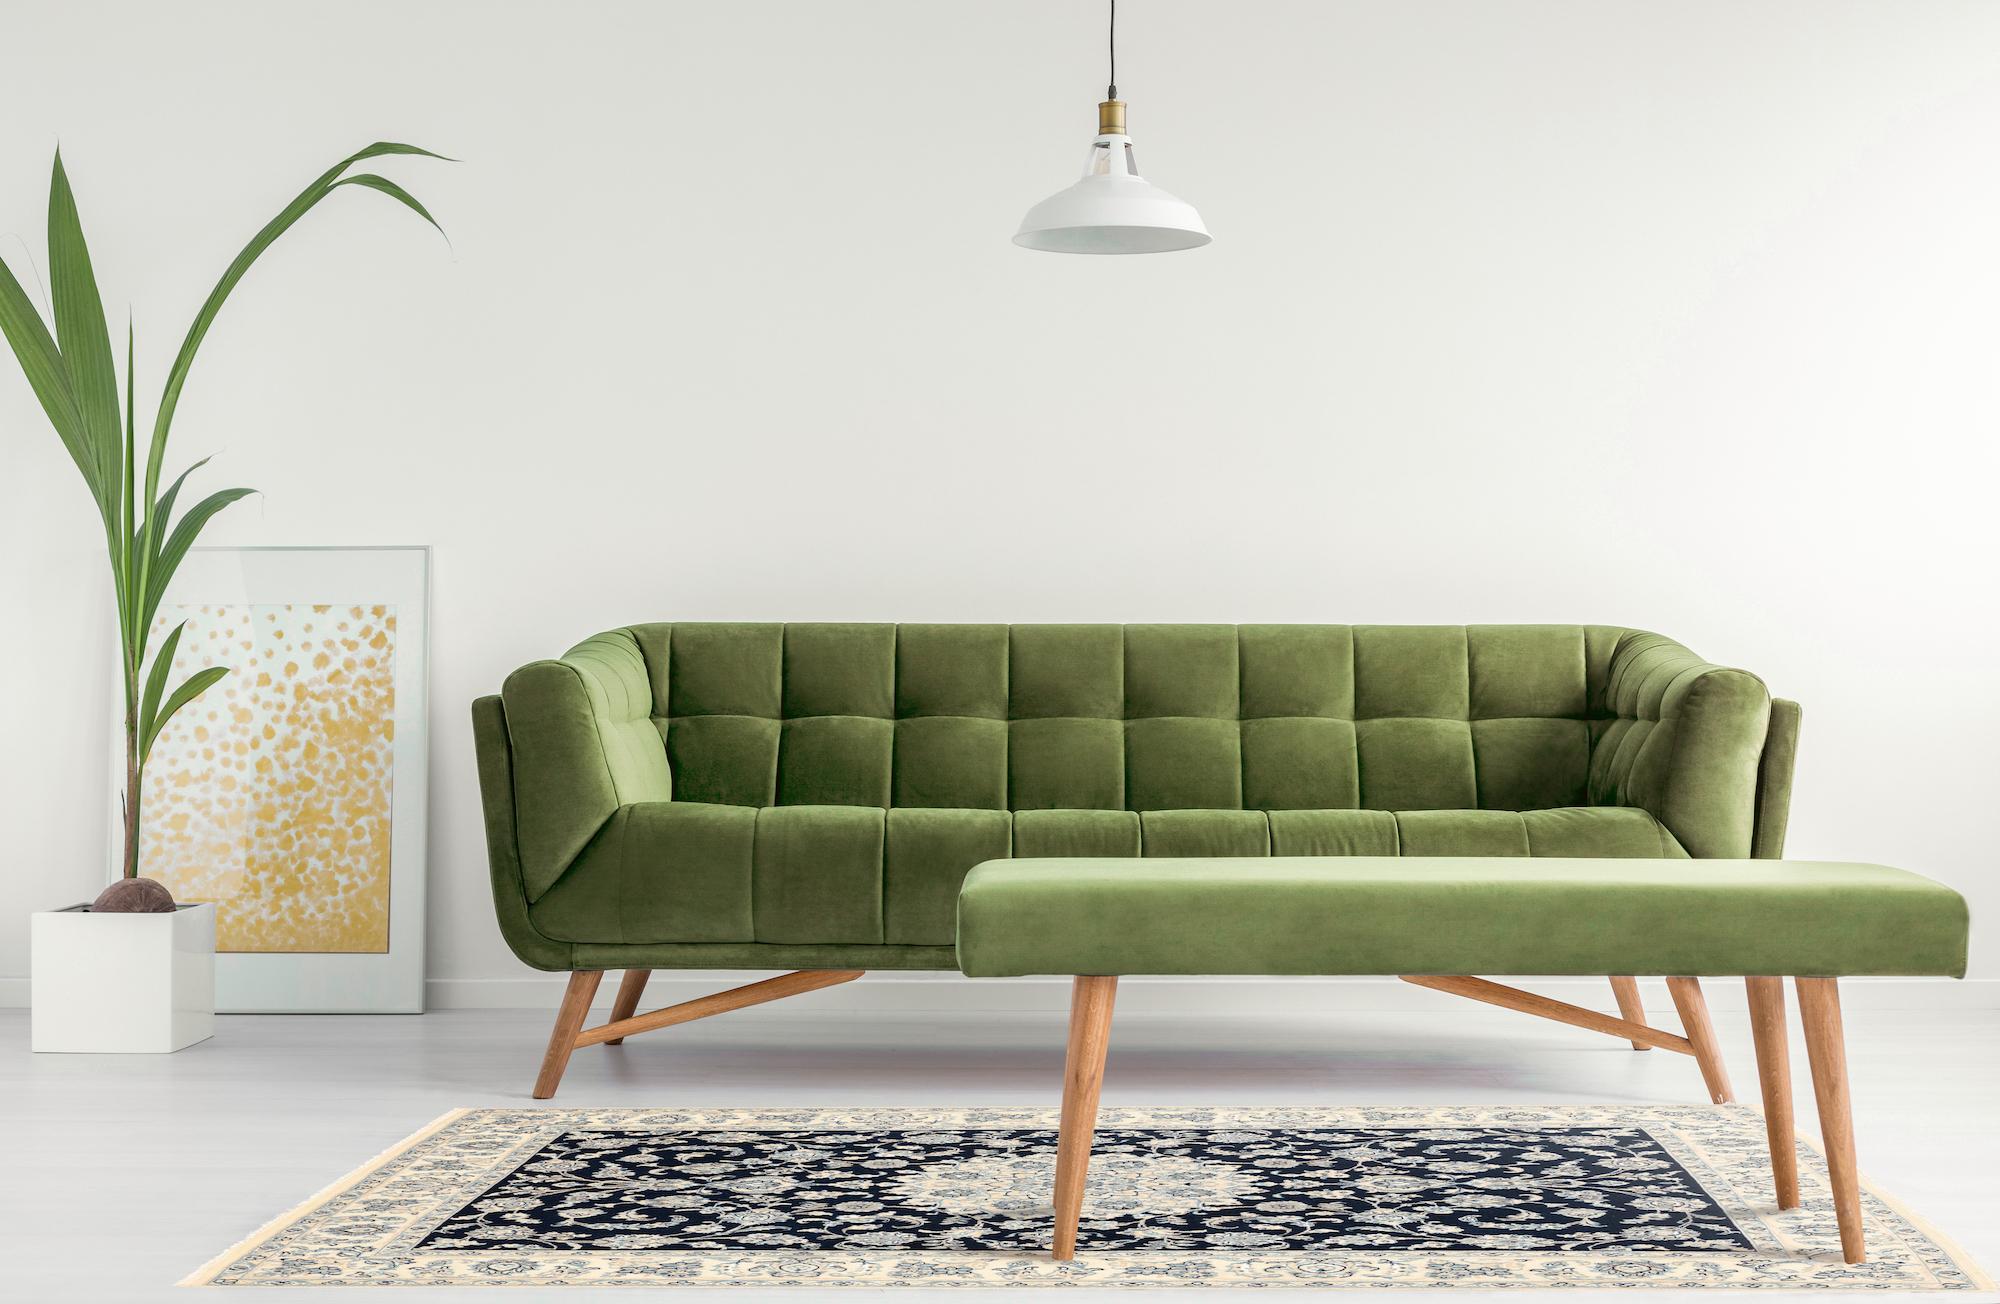 tappeto persiano sotto il divano con tavolino e pianta